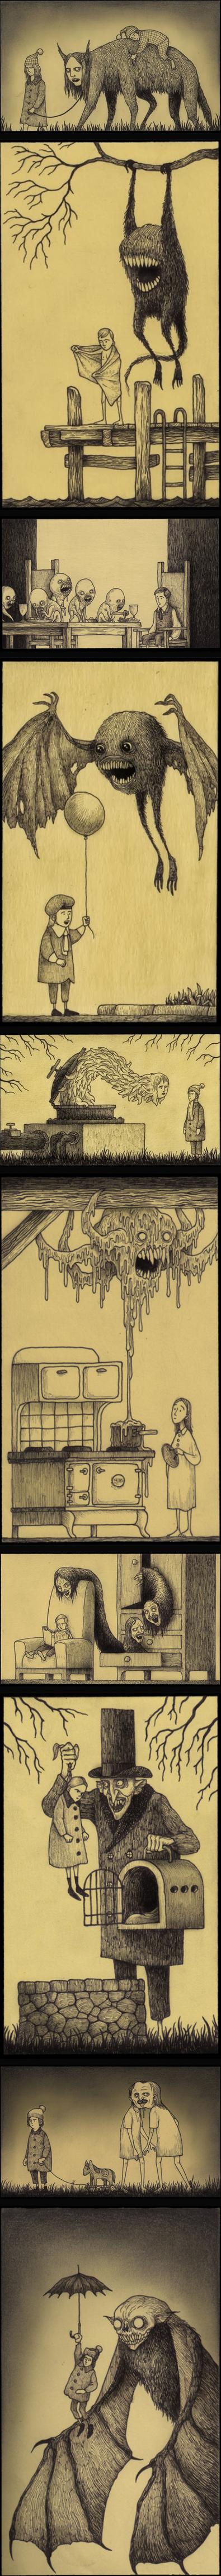 Children & Monsters. .. The stove looks like Bender.